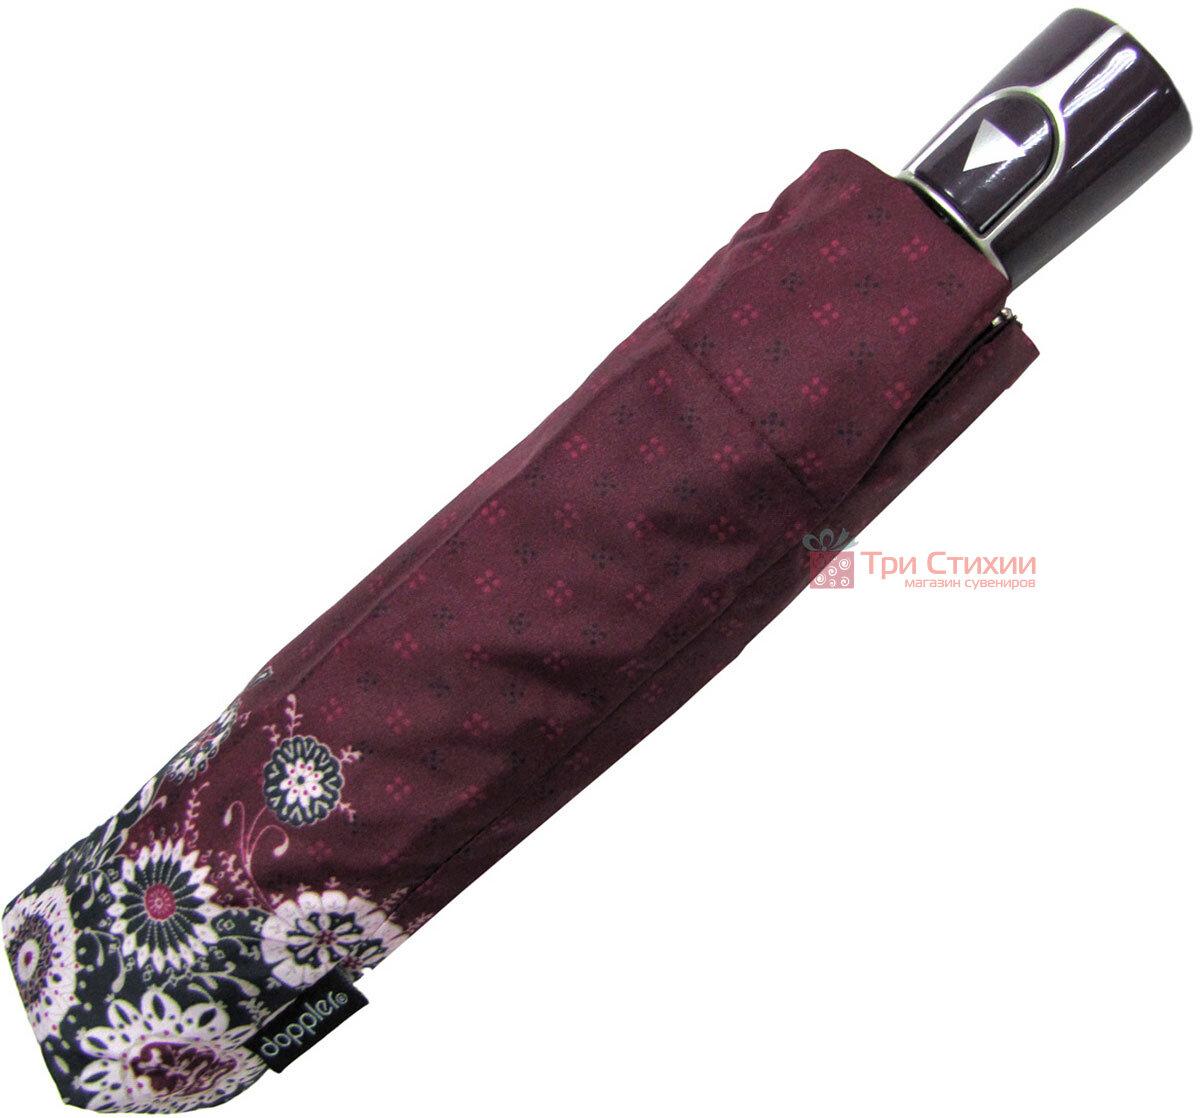 Зонт складной Doppler 7301653003-2 полуавтомат Бордовый Узор, фото 5